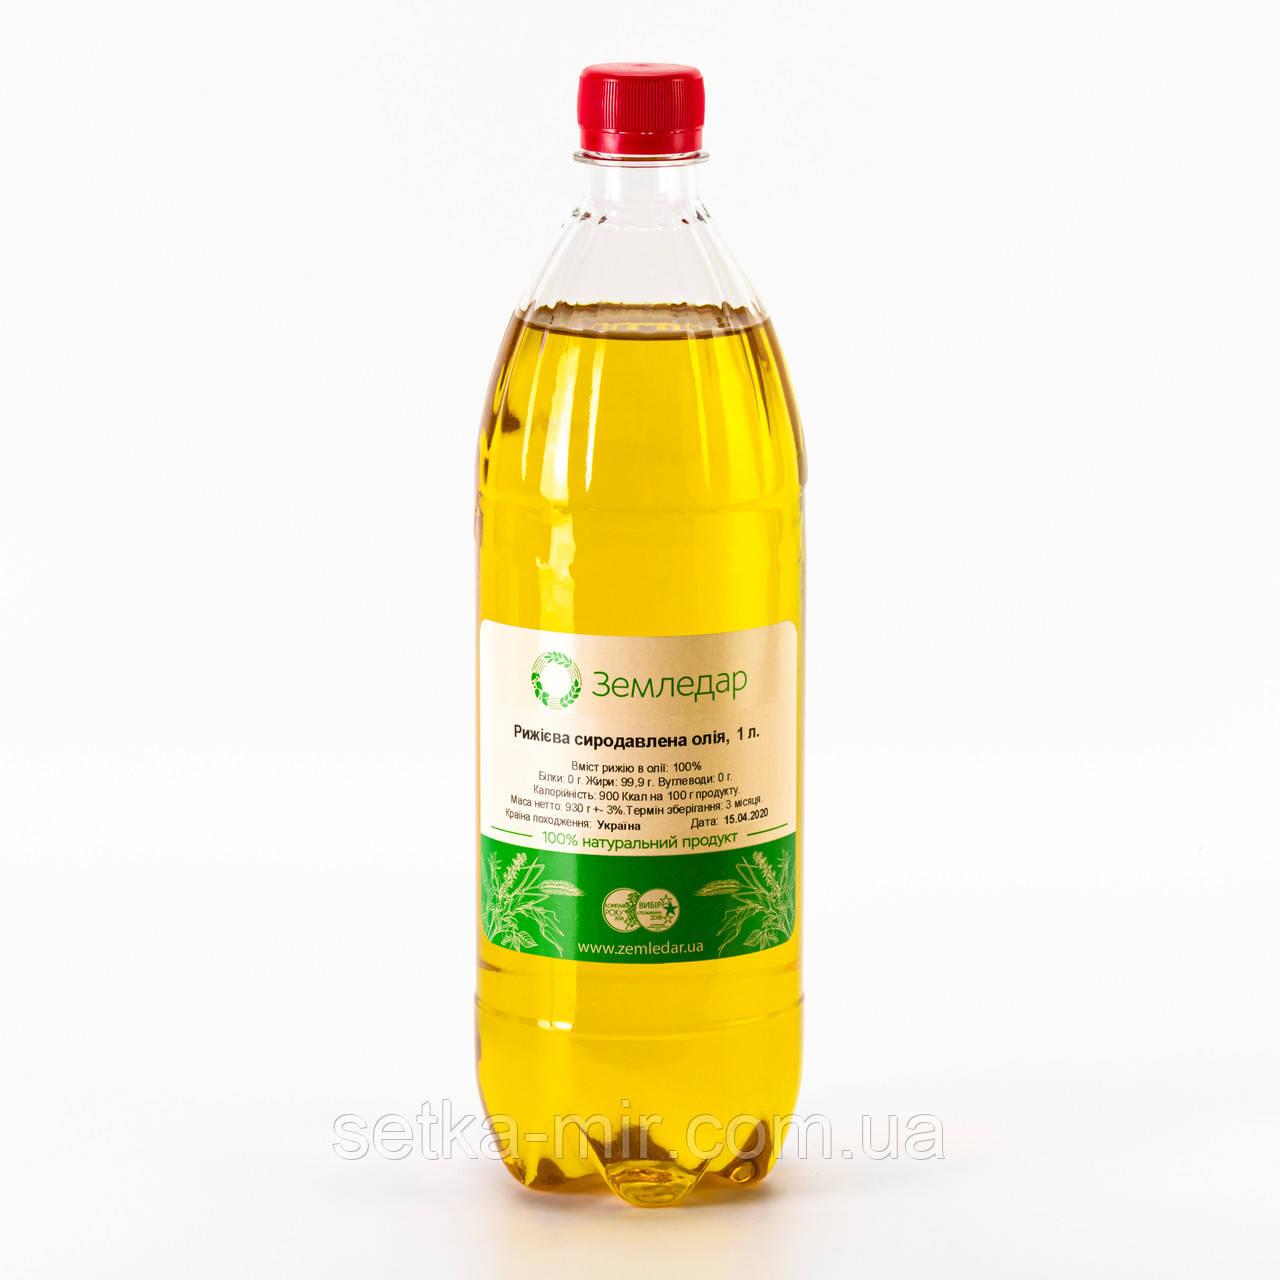 Рыжиковое масло 1 л сертифицированное без ГМО сыродавленное холодного отжима